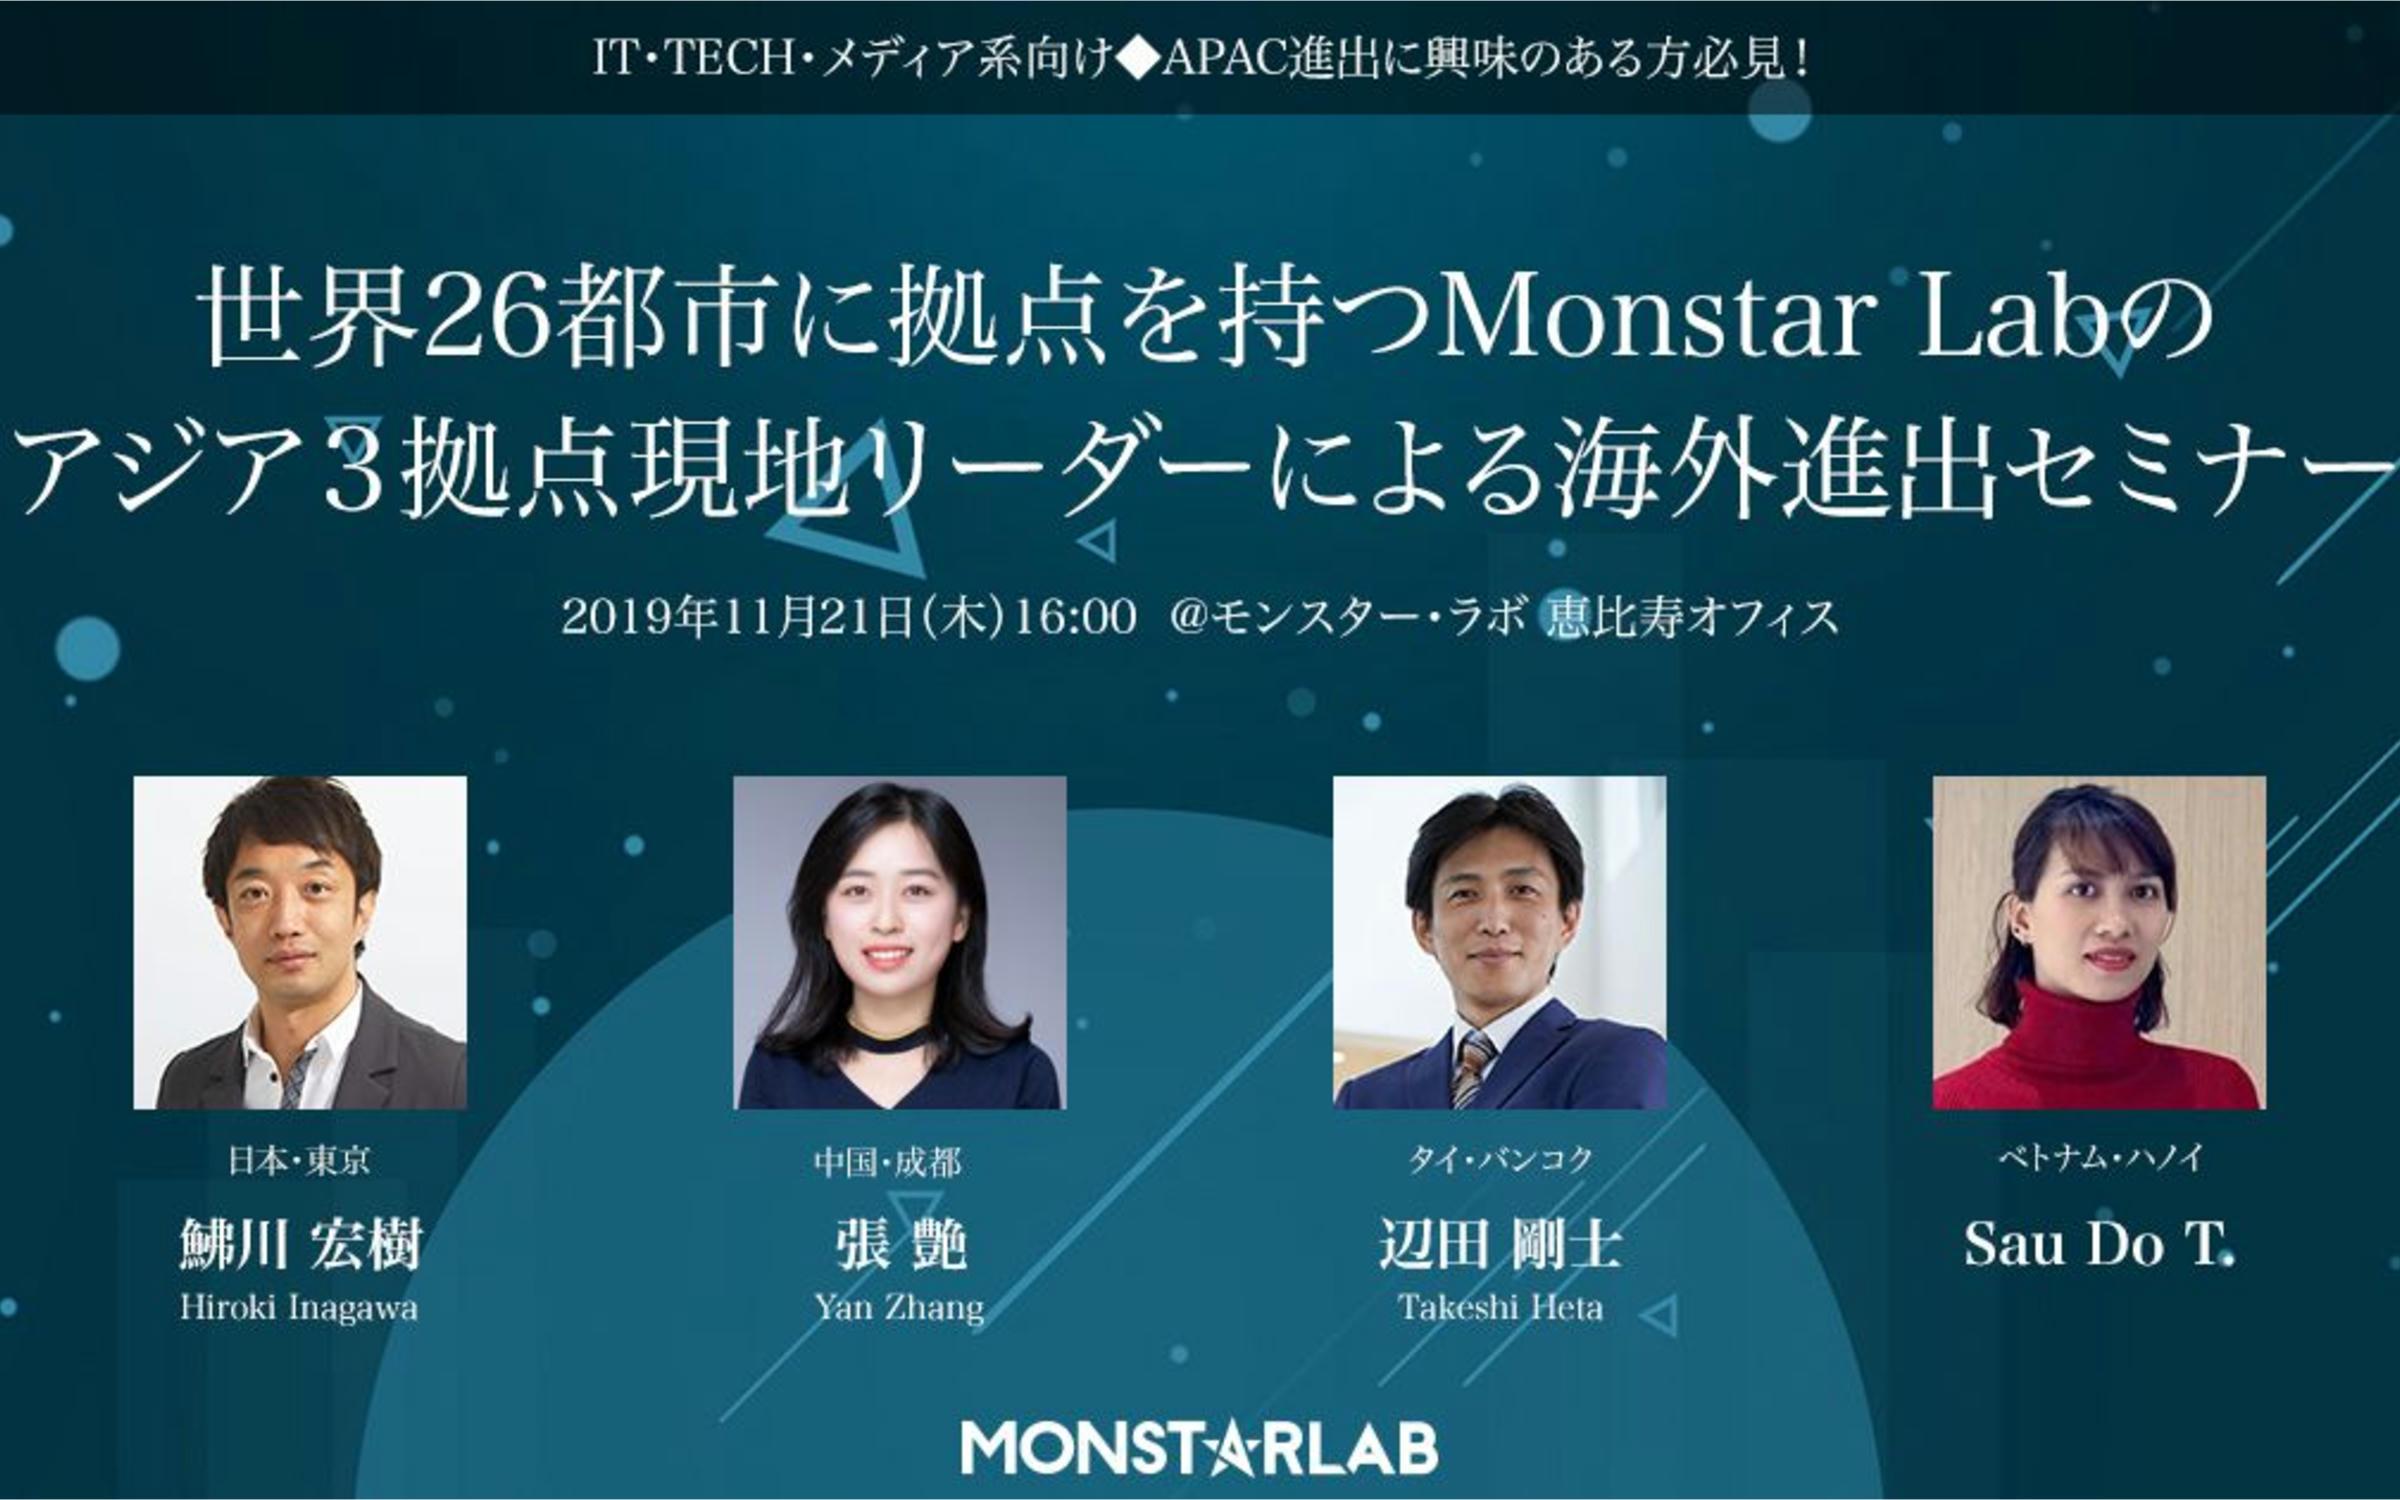 【已结束】【IT・TECH・メディア系向け◆APAC進出に興味のある方必見!】 中国・タイ・ベトナム進出のイロハがわかる! 世界26都市に拠点を持つMonstar Labのアジア3拠点現地リーダーによる海外進出セミナー開催!